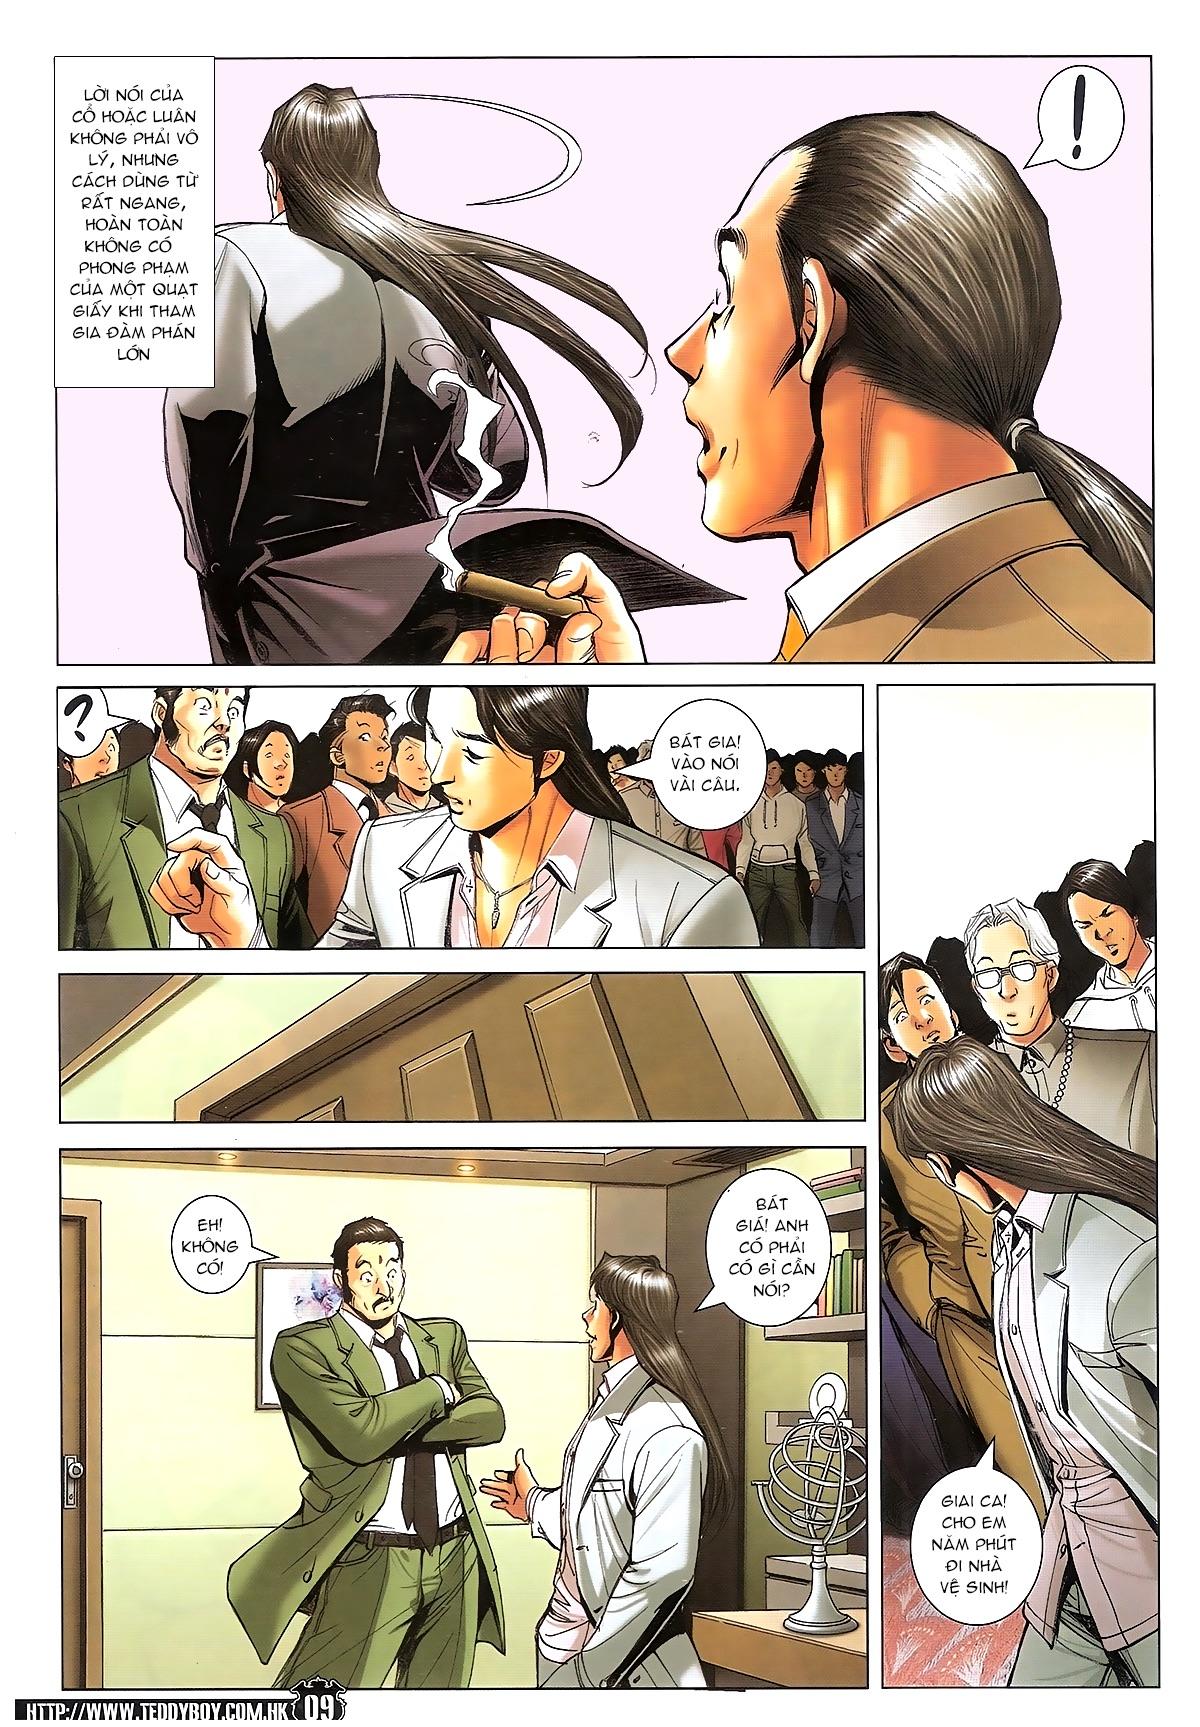 Người Trong Giang Hồ - Ngũ Hổ qui thiên - Chapter 1718: Đàm phán siêu cấp 4 - Pic 8